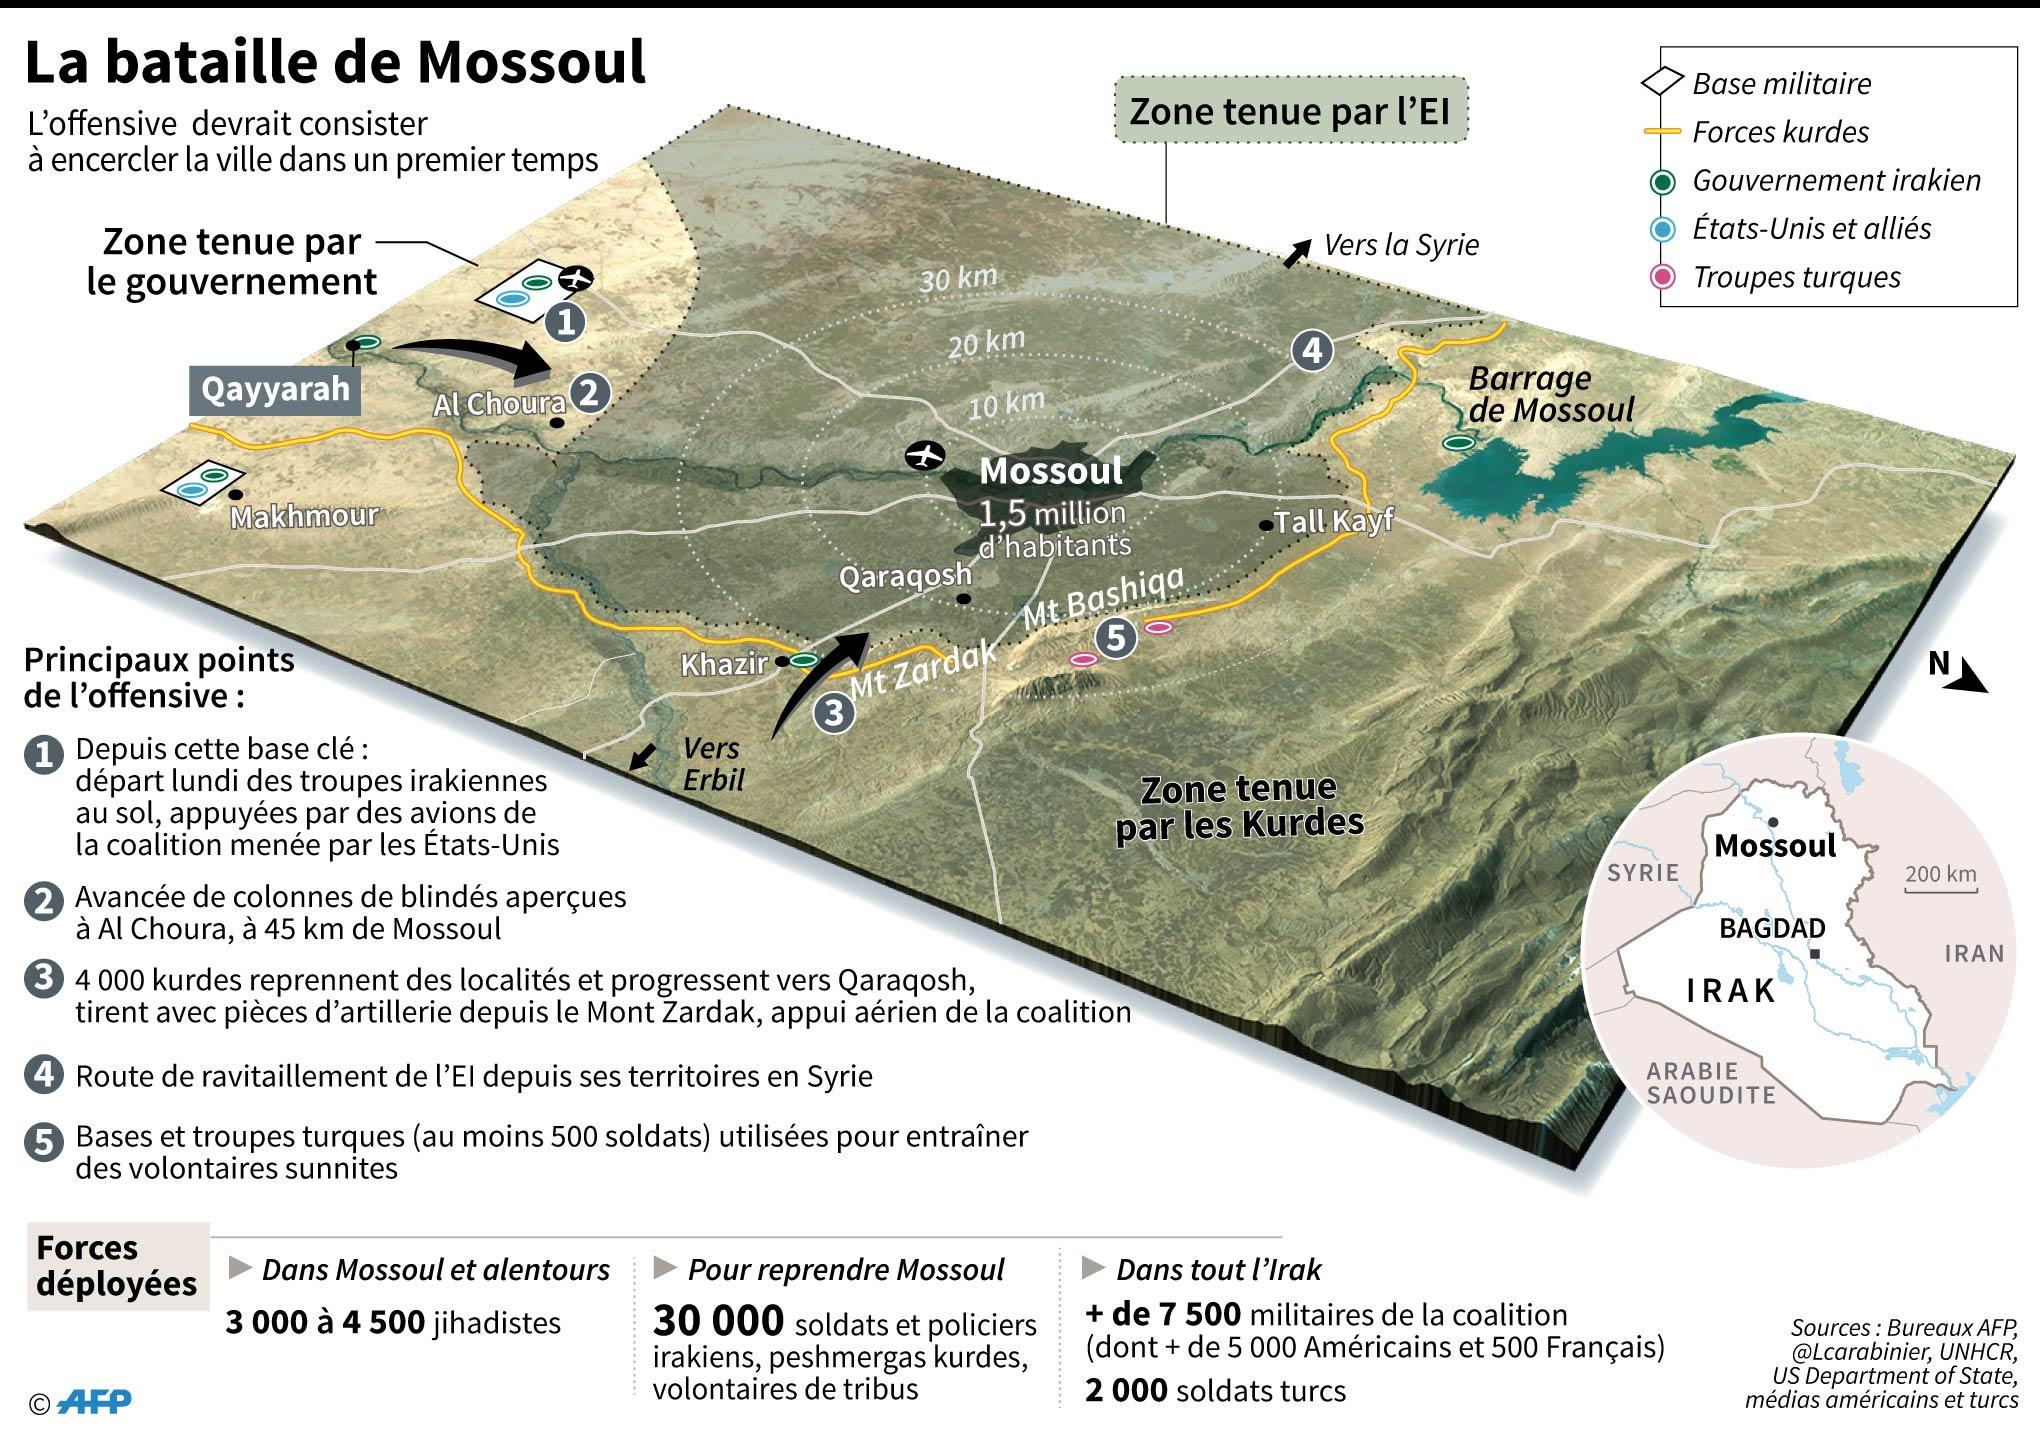 INFOGRAPHIE-Mossoul-les-points-cles-de-l-offensive-pour-vaincre-l-EI.jpg